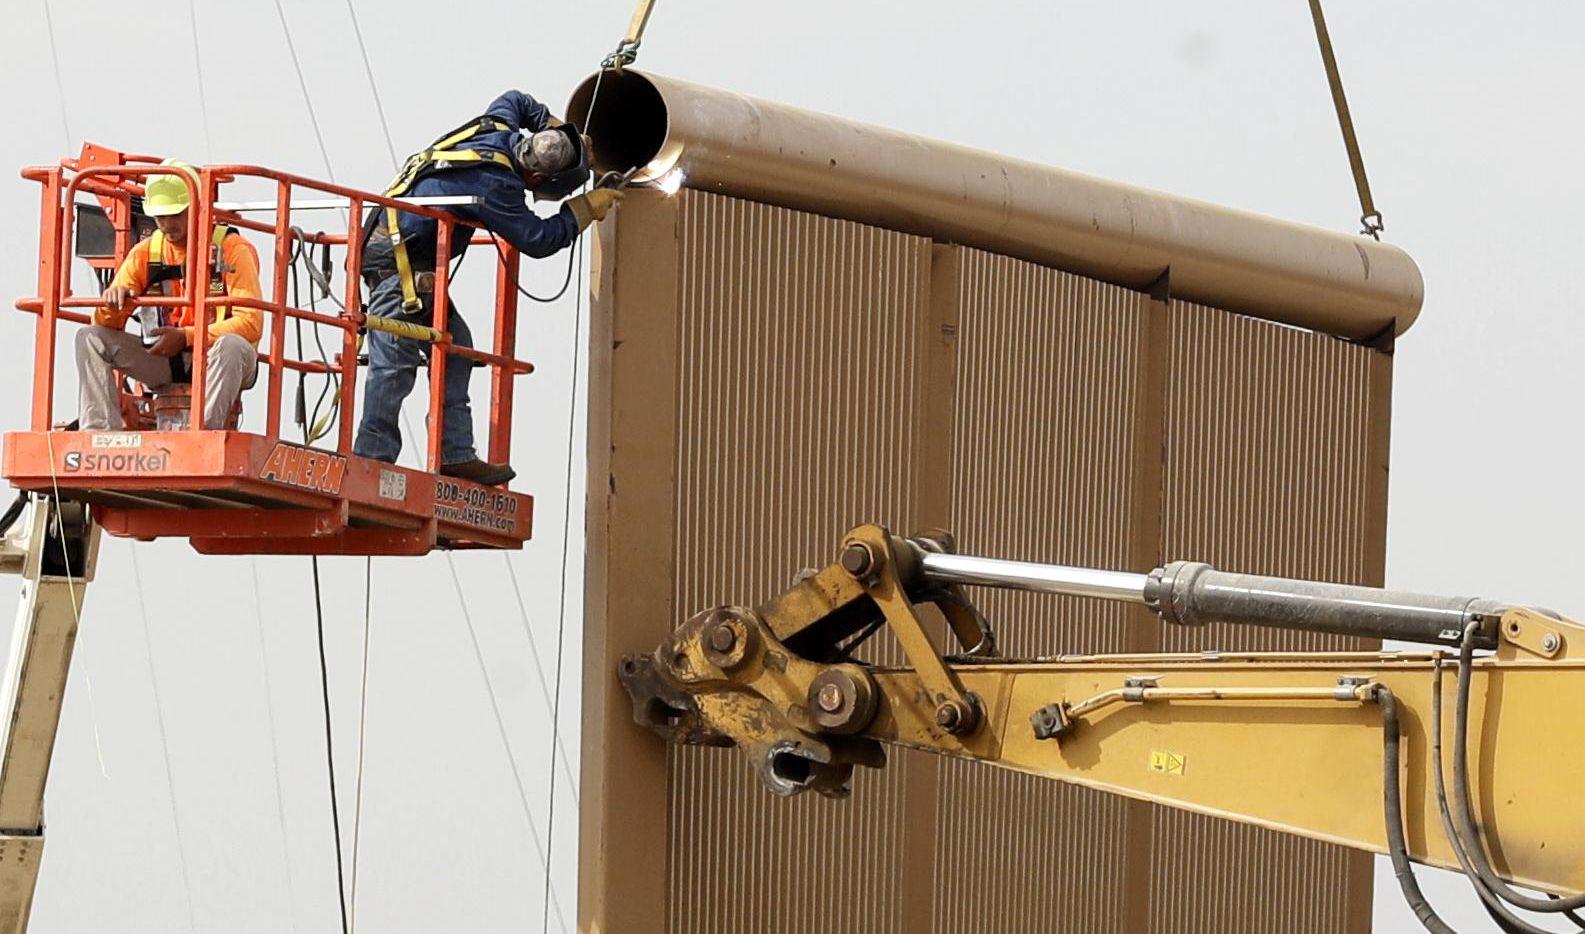 Trabajadores preparan uno de los prototipos del muro que el presidente Donald Trump planea construír en la frontera con México. AP  ——-  Trabajadores preparan uno de los prototipos del muro que el presidente Donald Trump planea construír en la frontera con México. AP (AP  ——-  AP/——-  Gregory Bull)